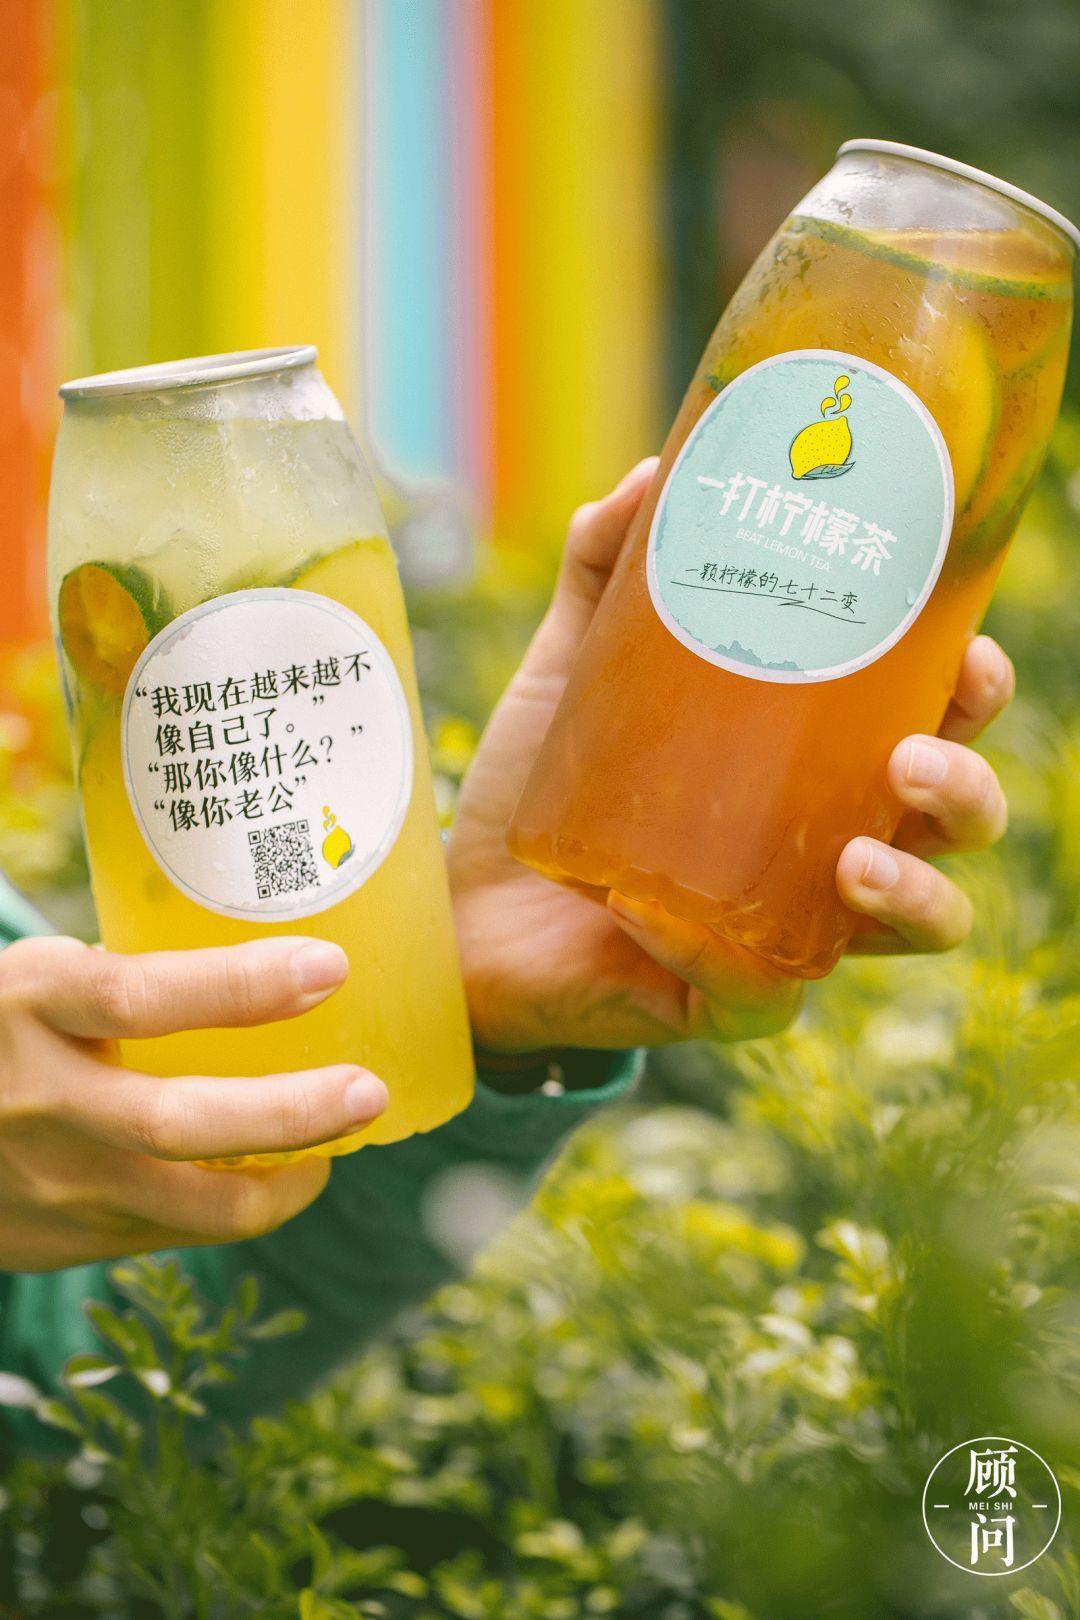 百香果柠檬茶,这绝对是一款让人少女心泛滥的果茶